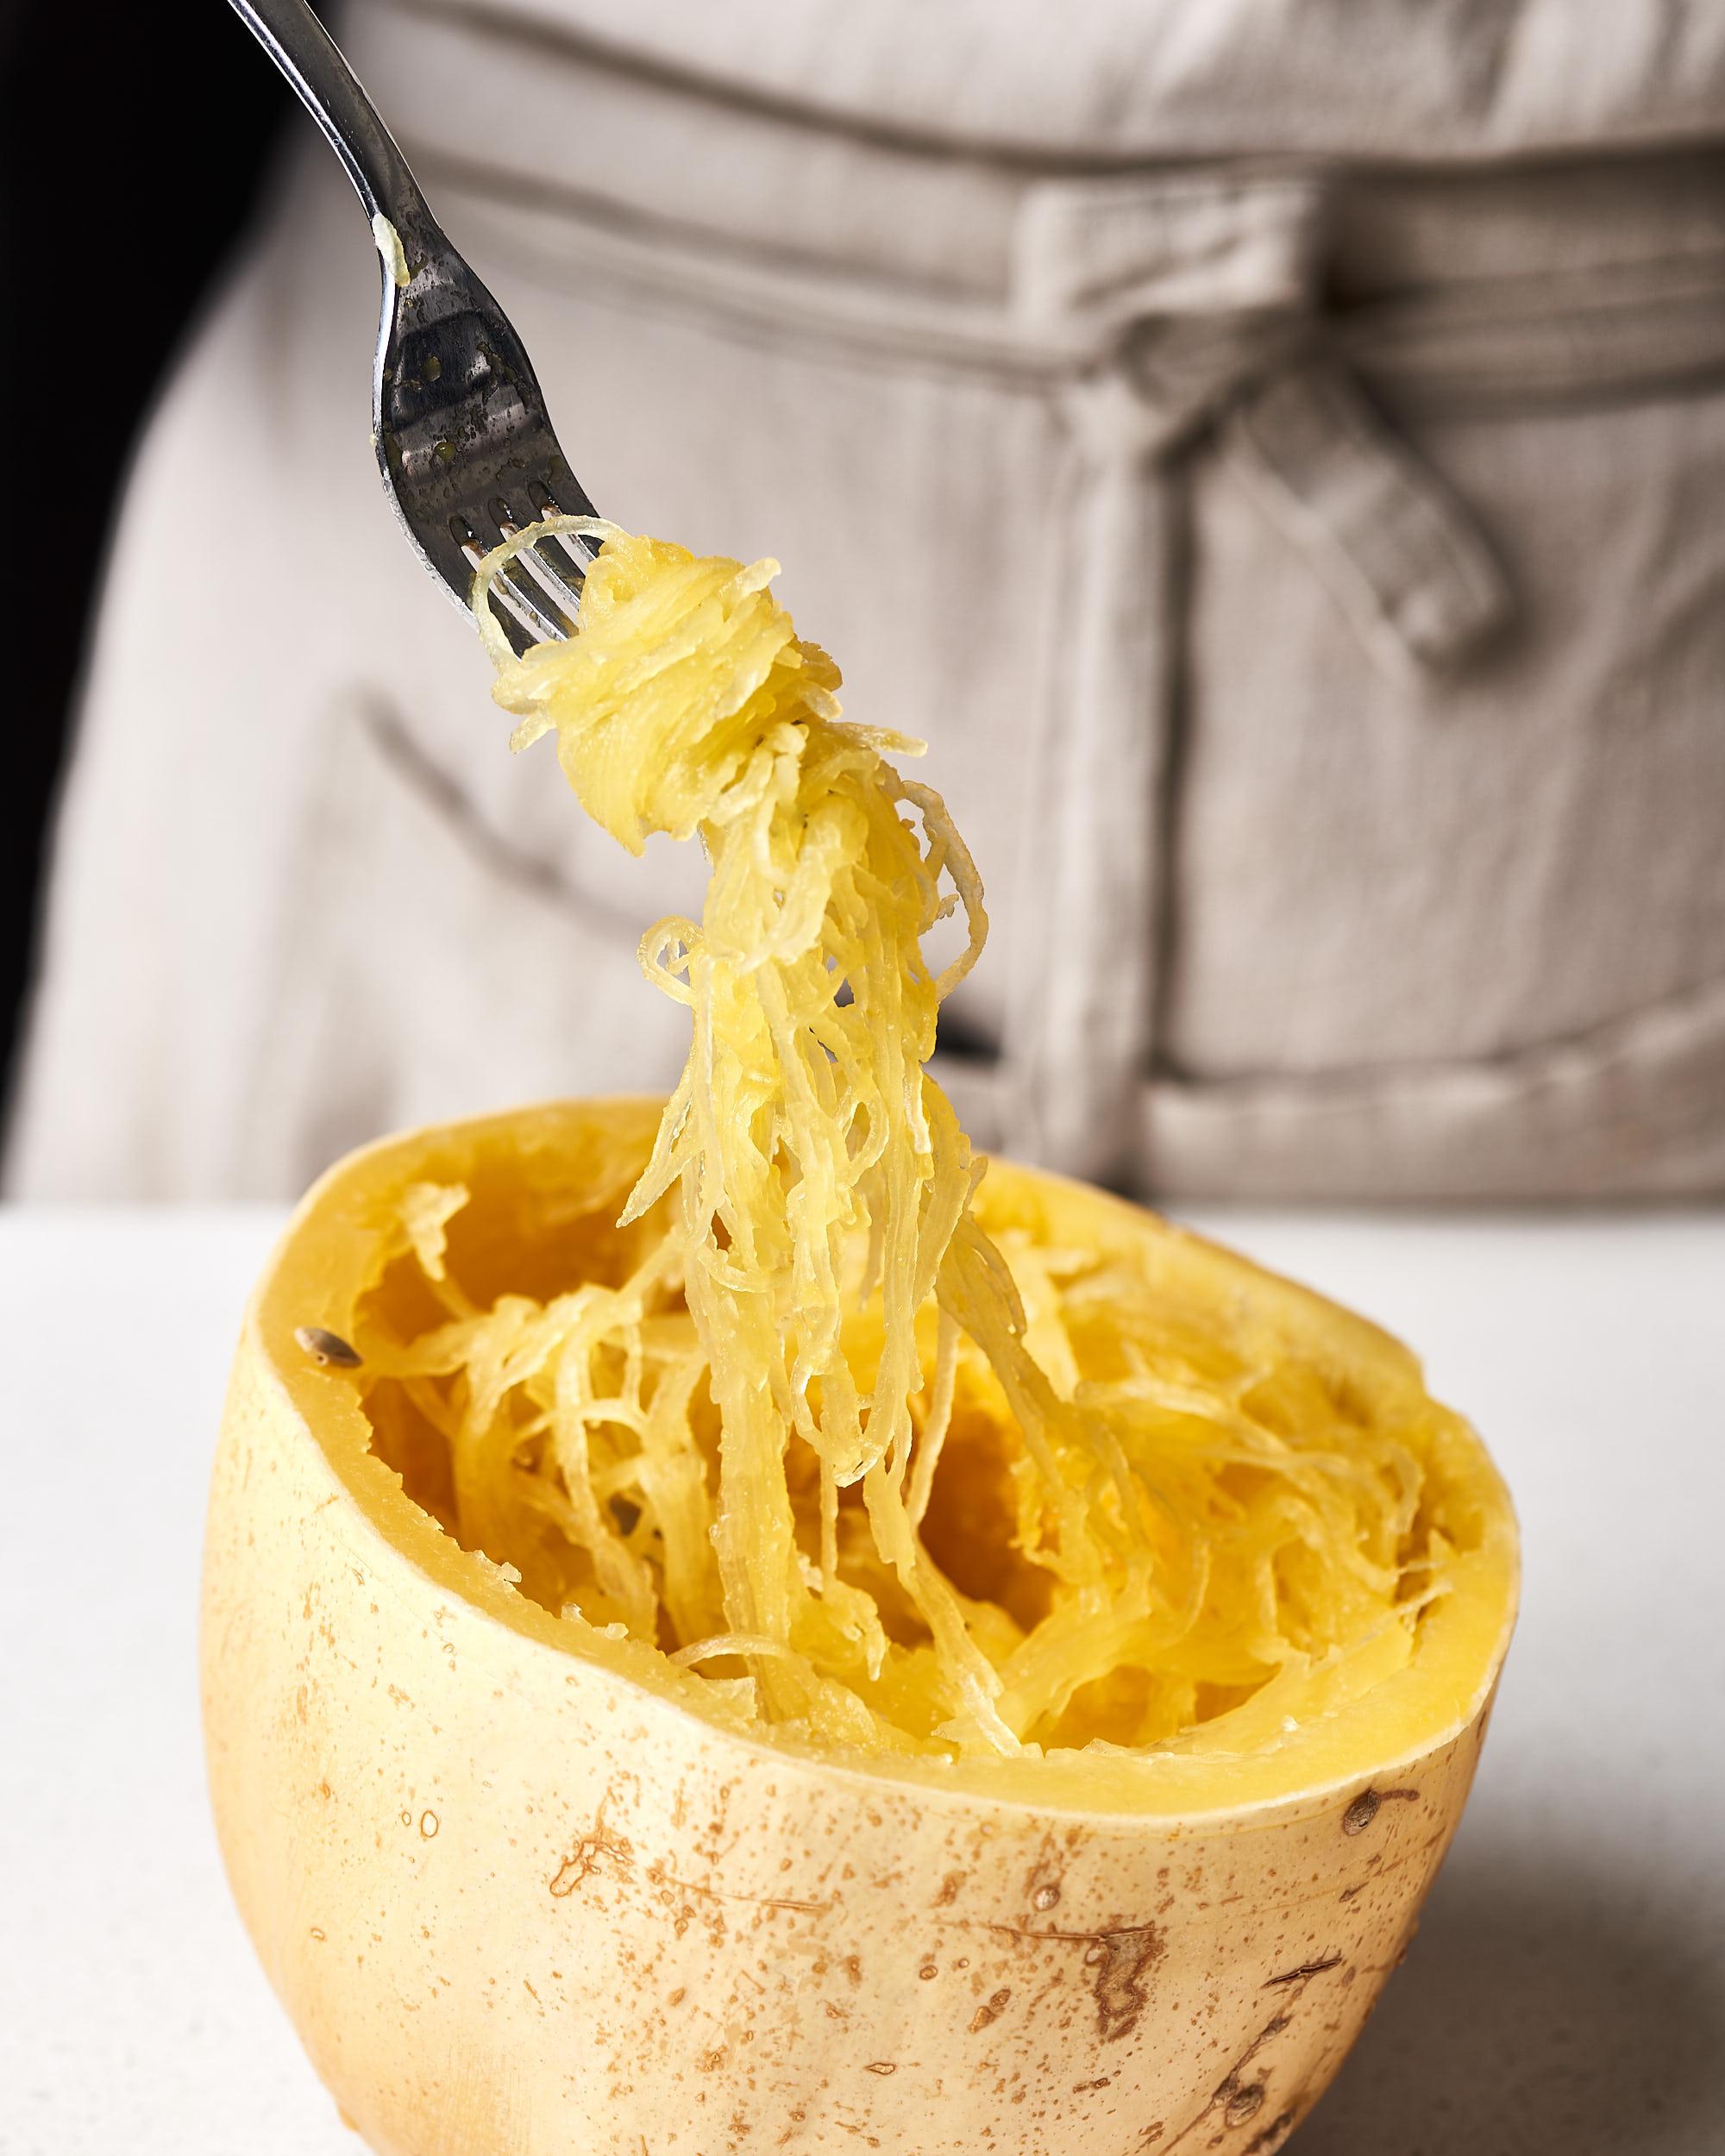 squash spaghetti pentru pierderea de grasimi